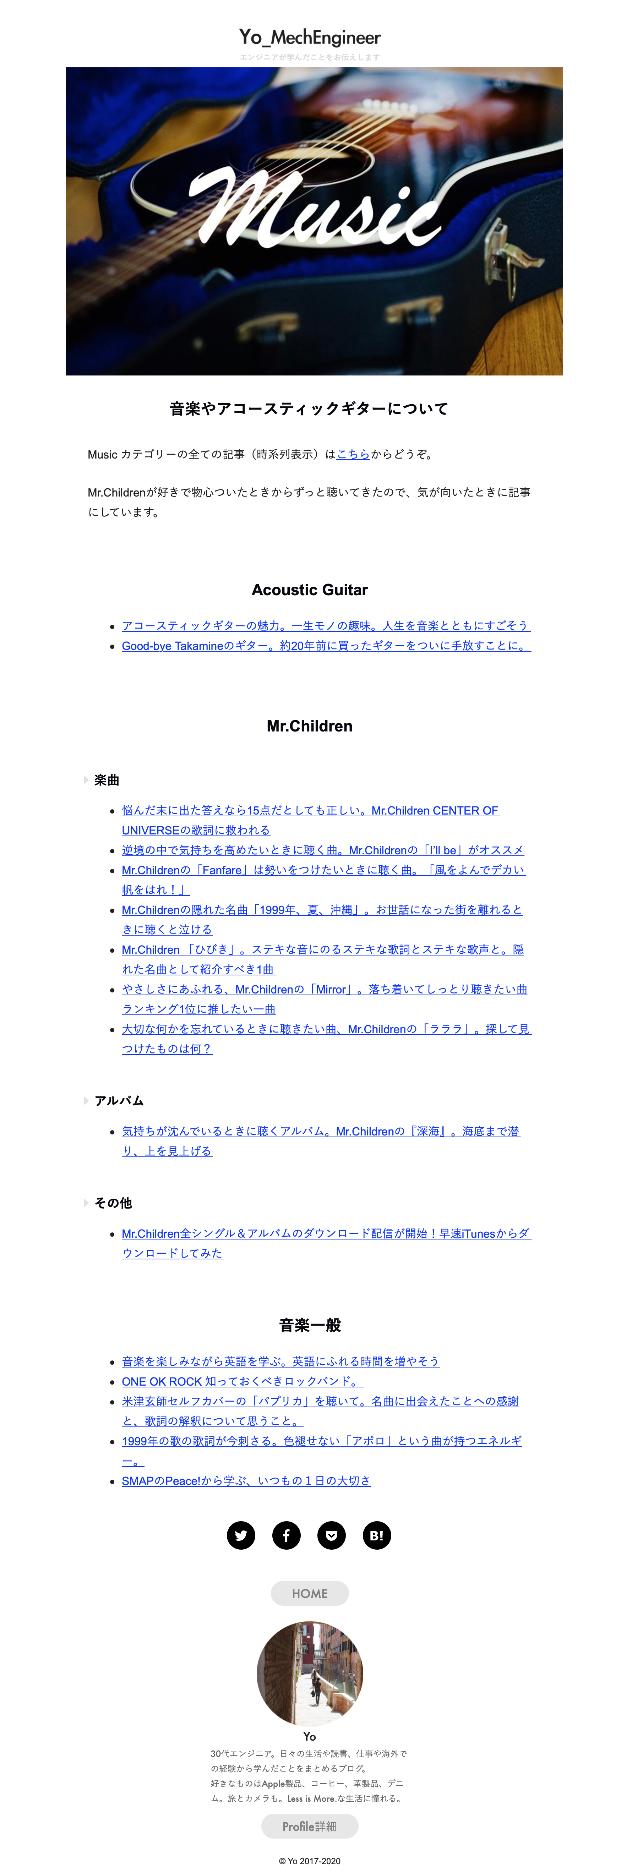 2020 ブログデザイン 各カテゴリーページ